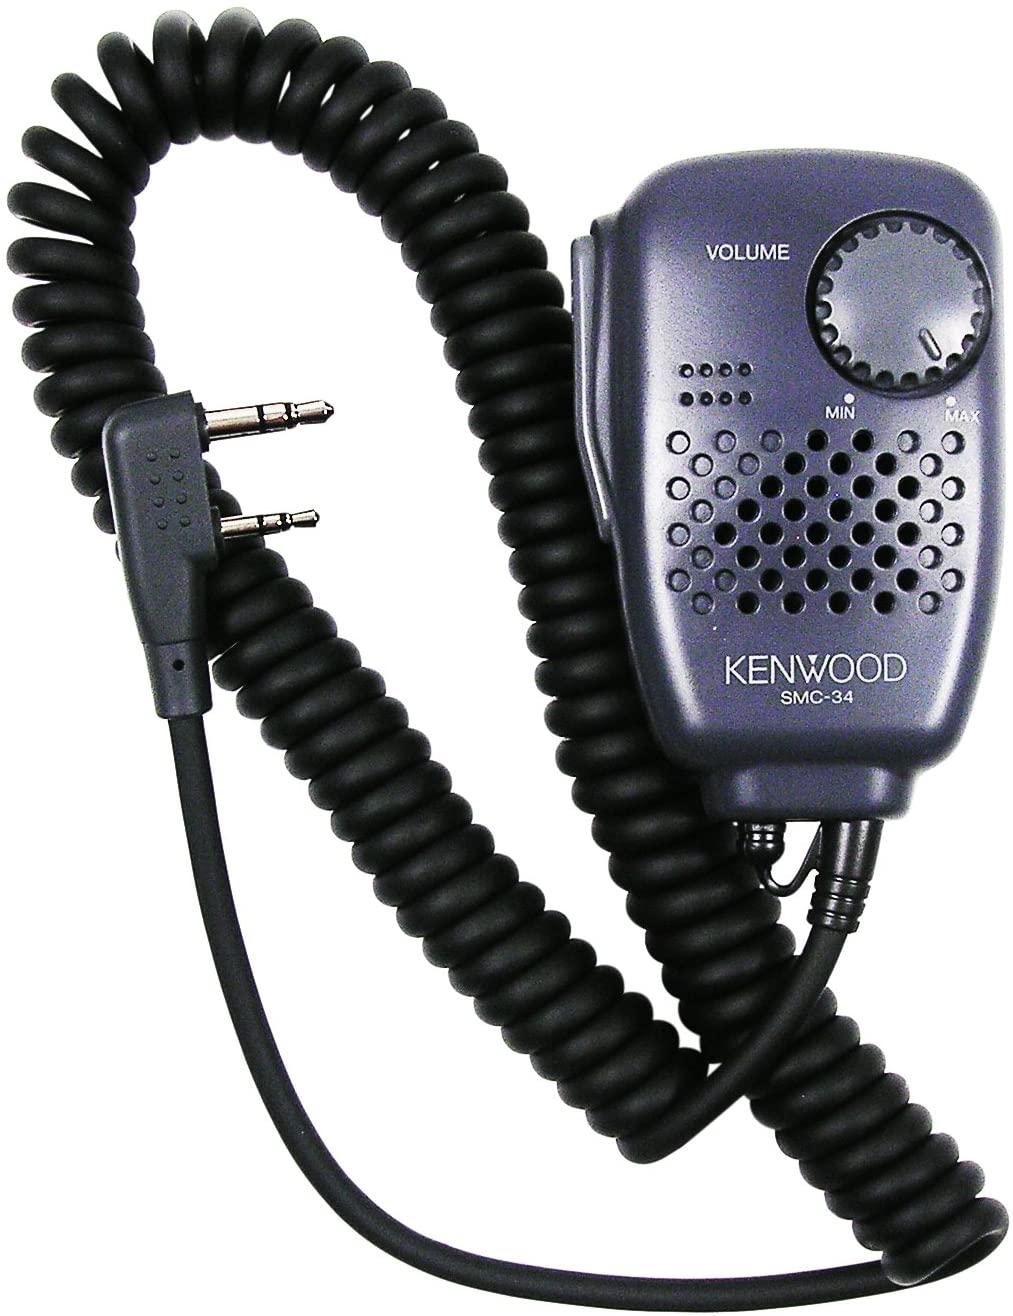 Lautsprechermikrofon Kenwood SMC-34